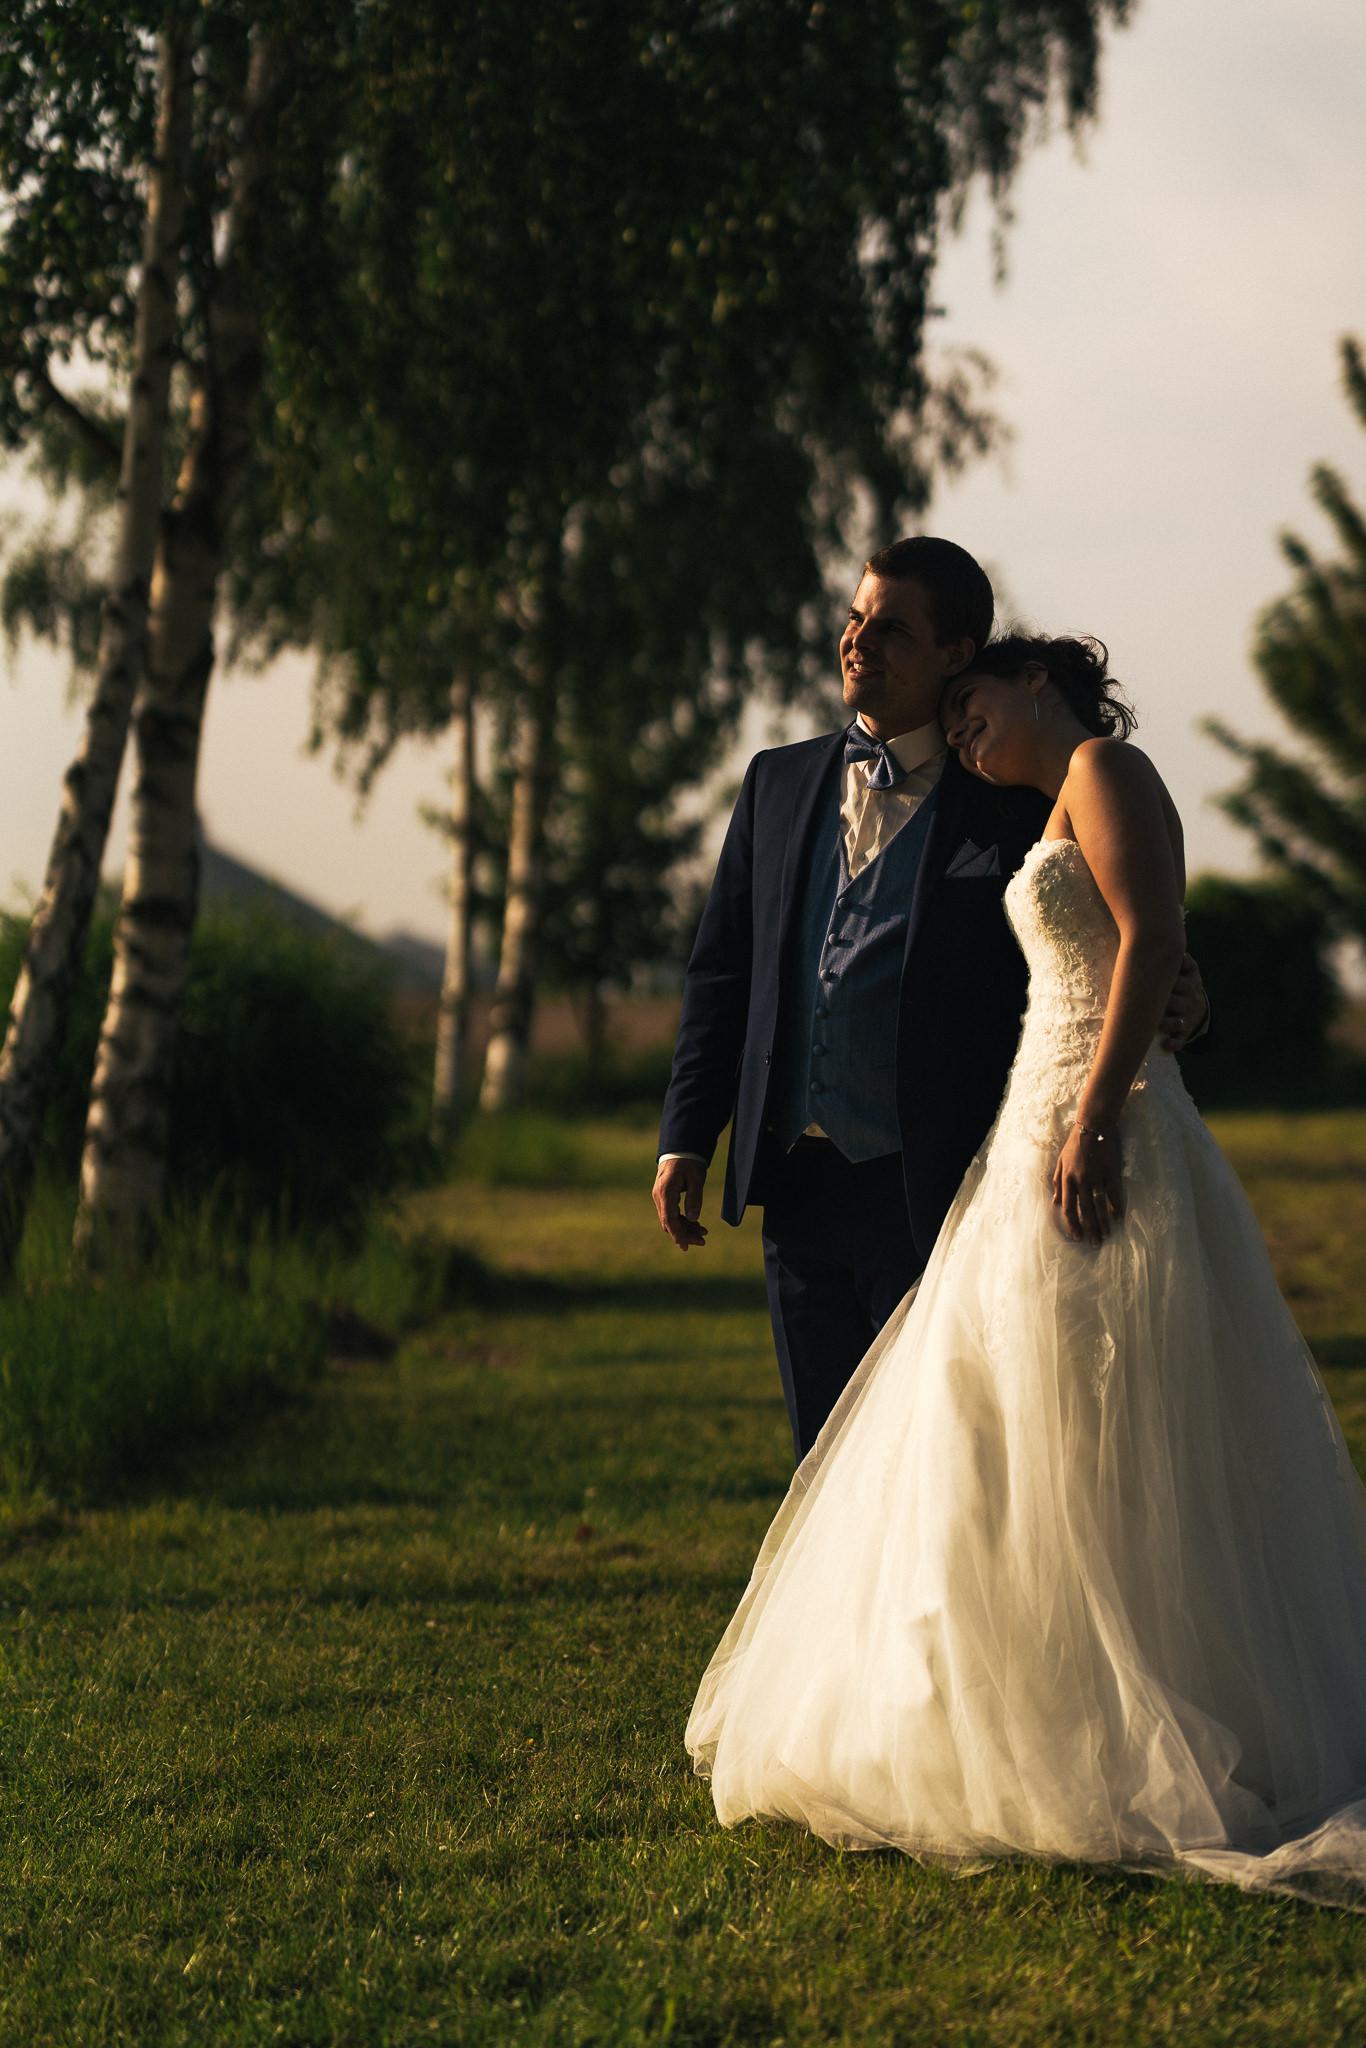 Wedding-Margaux&Nicolas-19052018-reduced-271.jpg